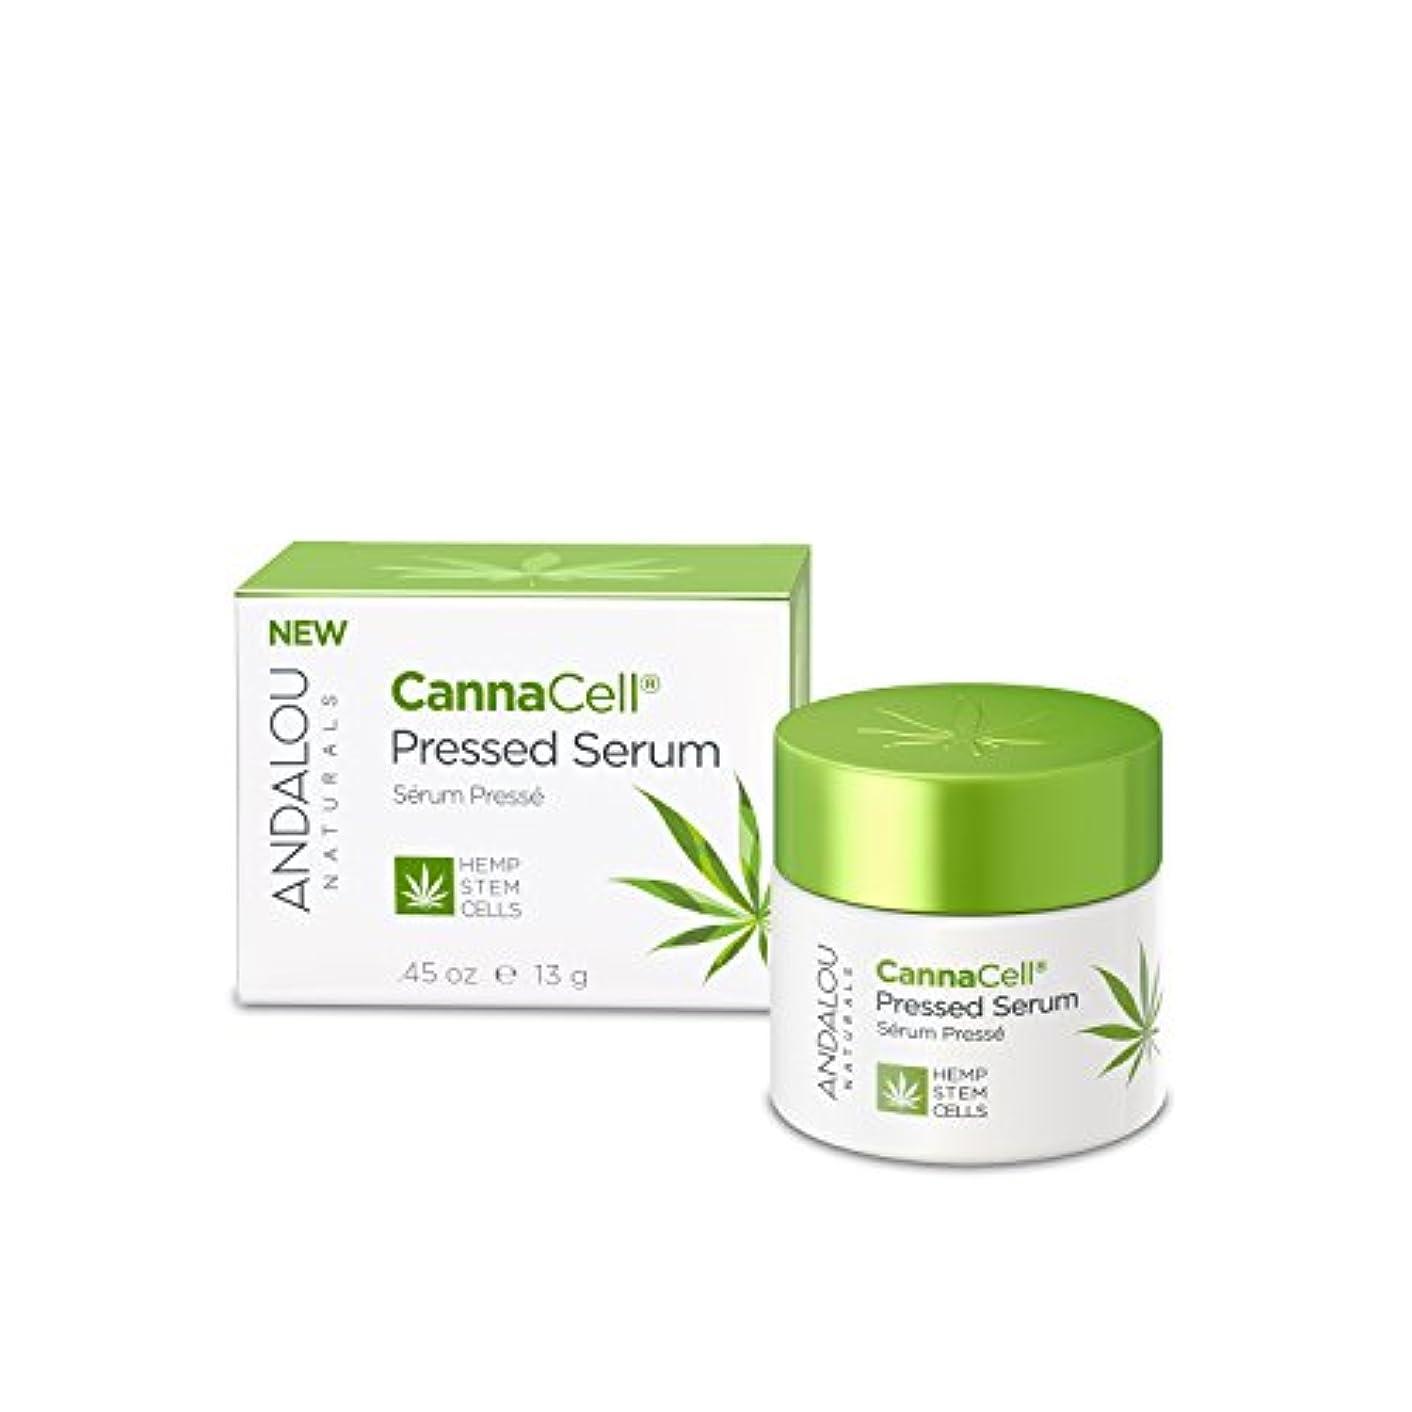 コットン提出する慣れているオーガニック ボタニカル 美容液 セラム ナチュラル フルーツ幹細胞 ヘンプ幹細胞 「 CannaCell® プレストセラム 」 ANDALOU naturals アンダルー ナチュラルズ